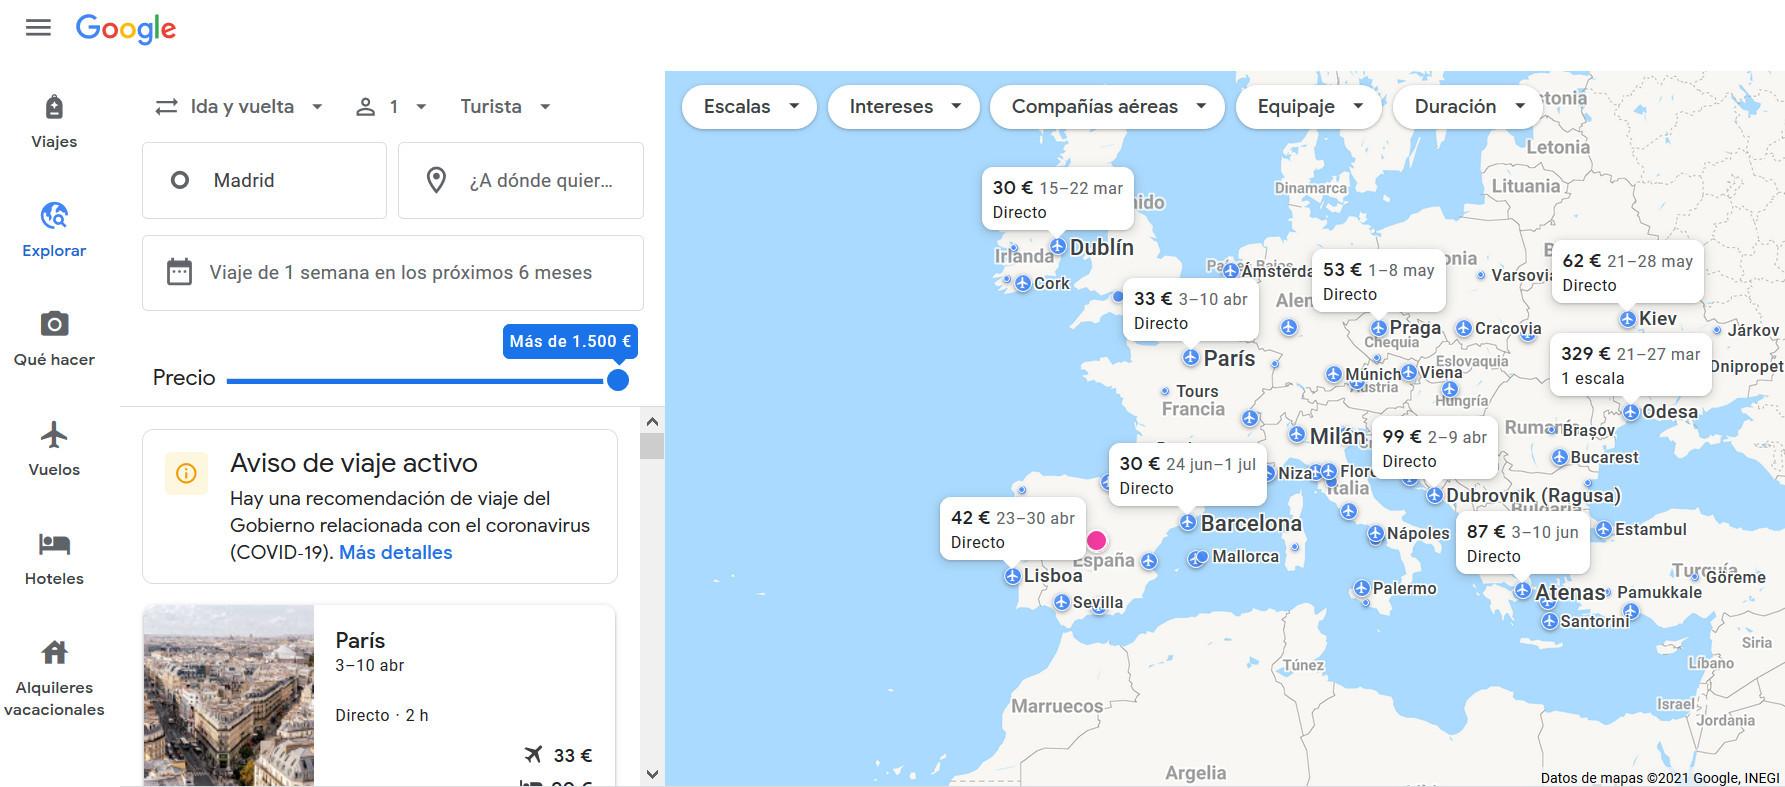 Mapa interactivo con vuelos disponibles en Google Travel.